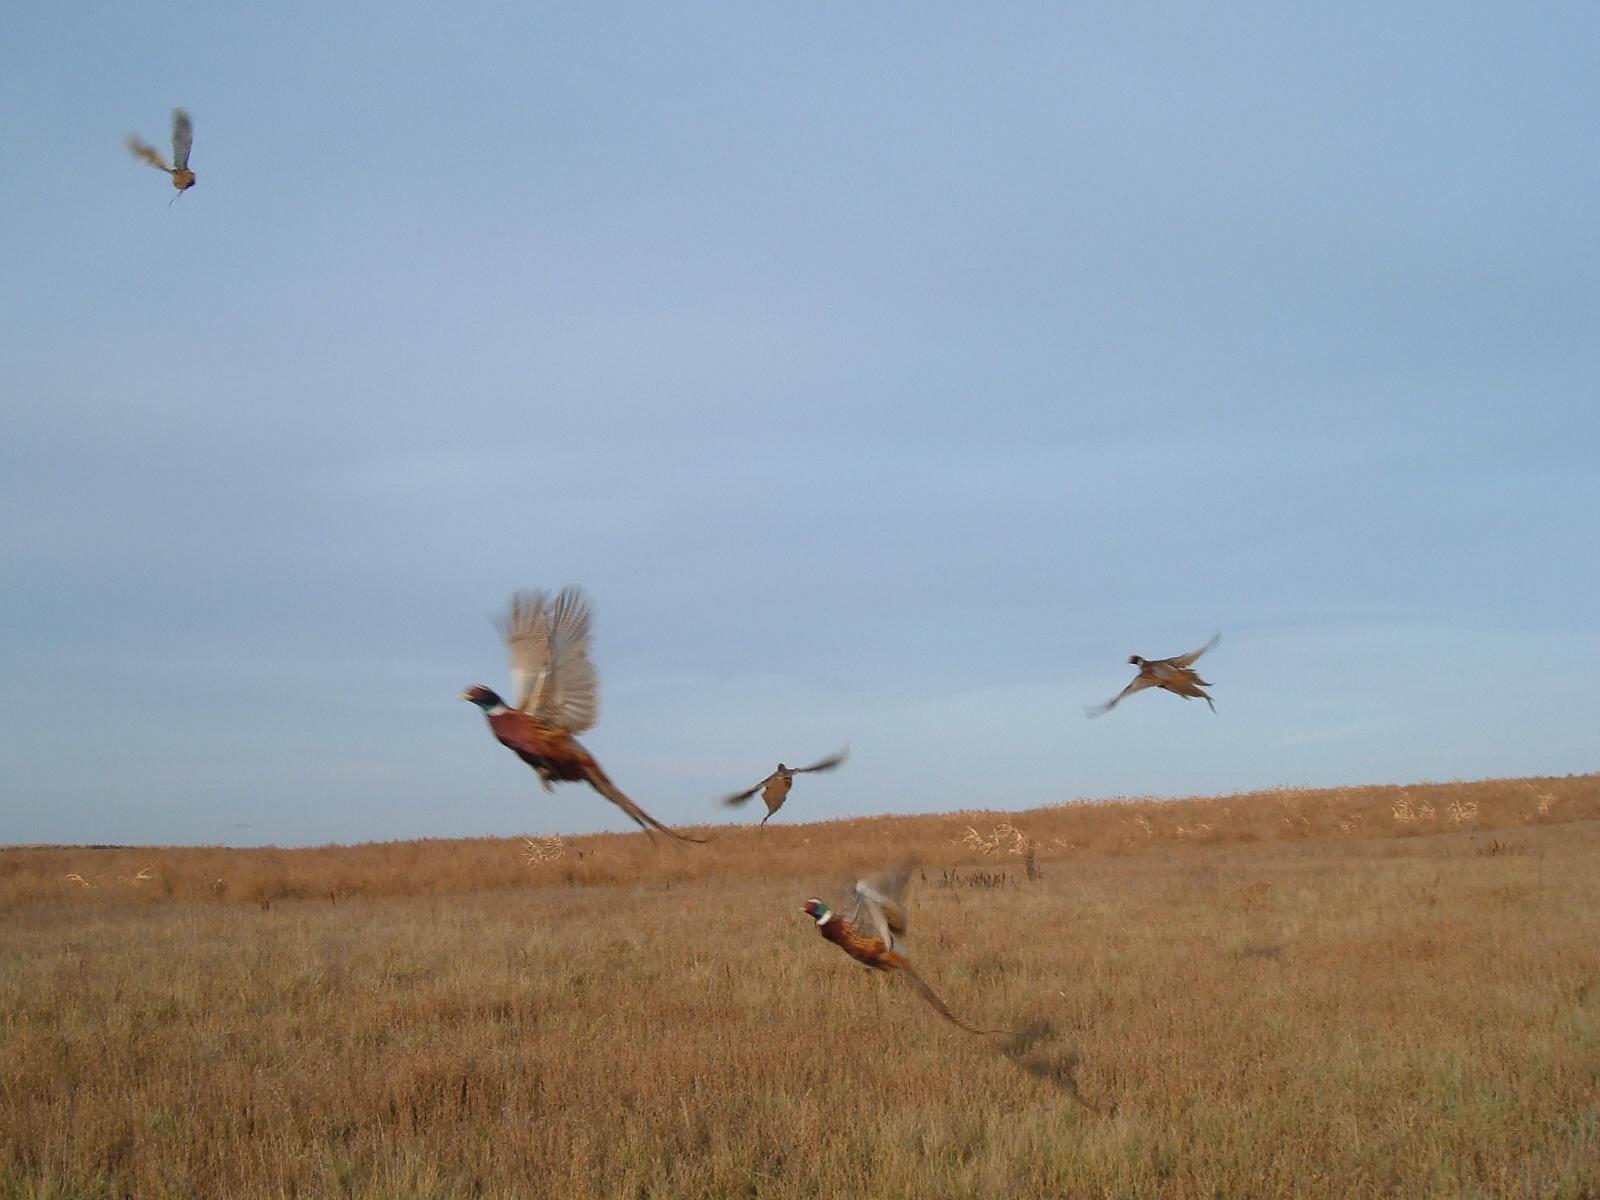 Pheasant hunting club Los Angeles CA